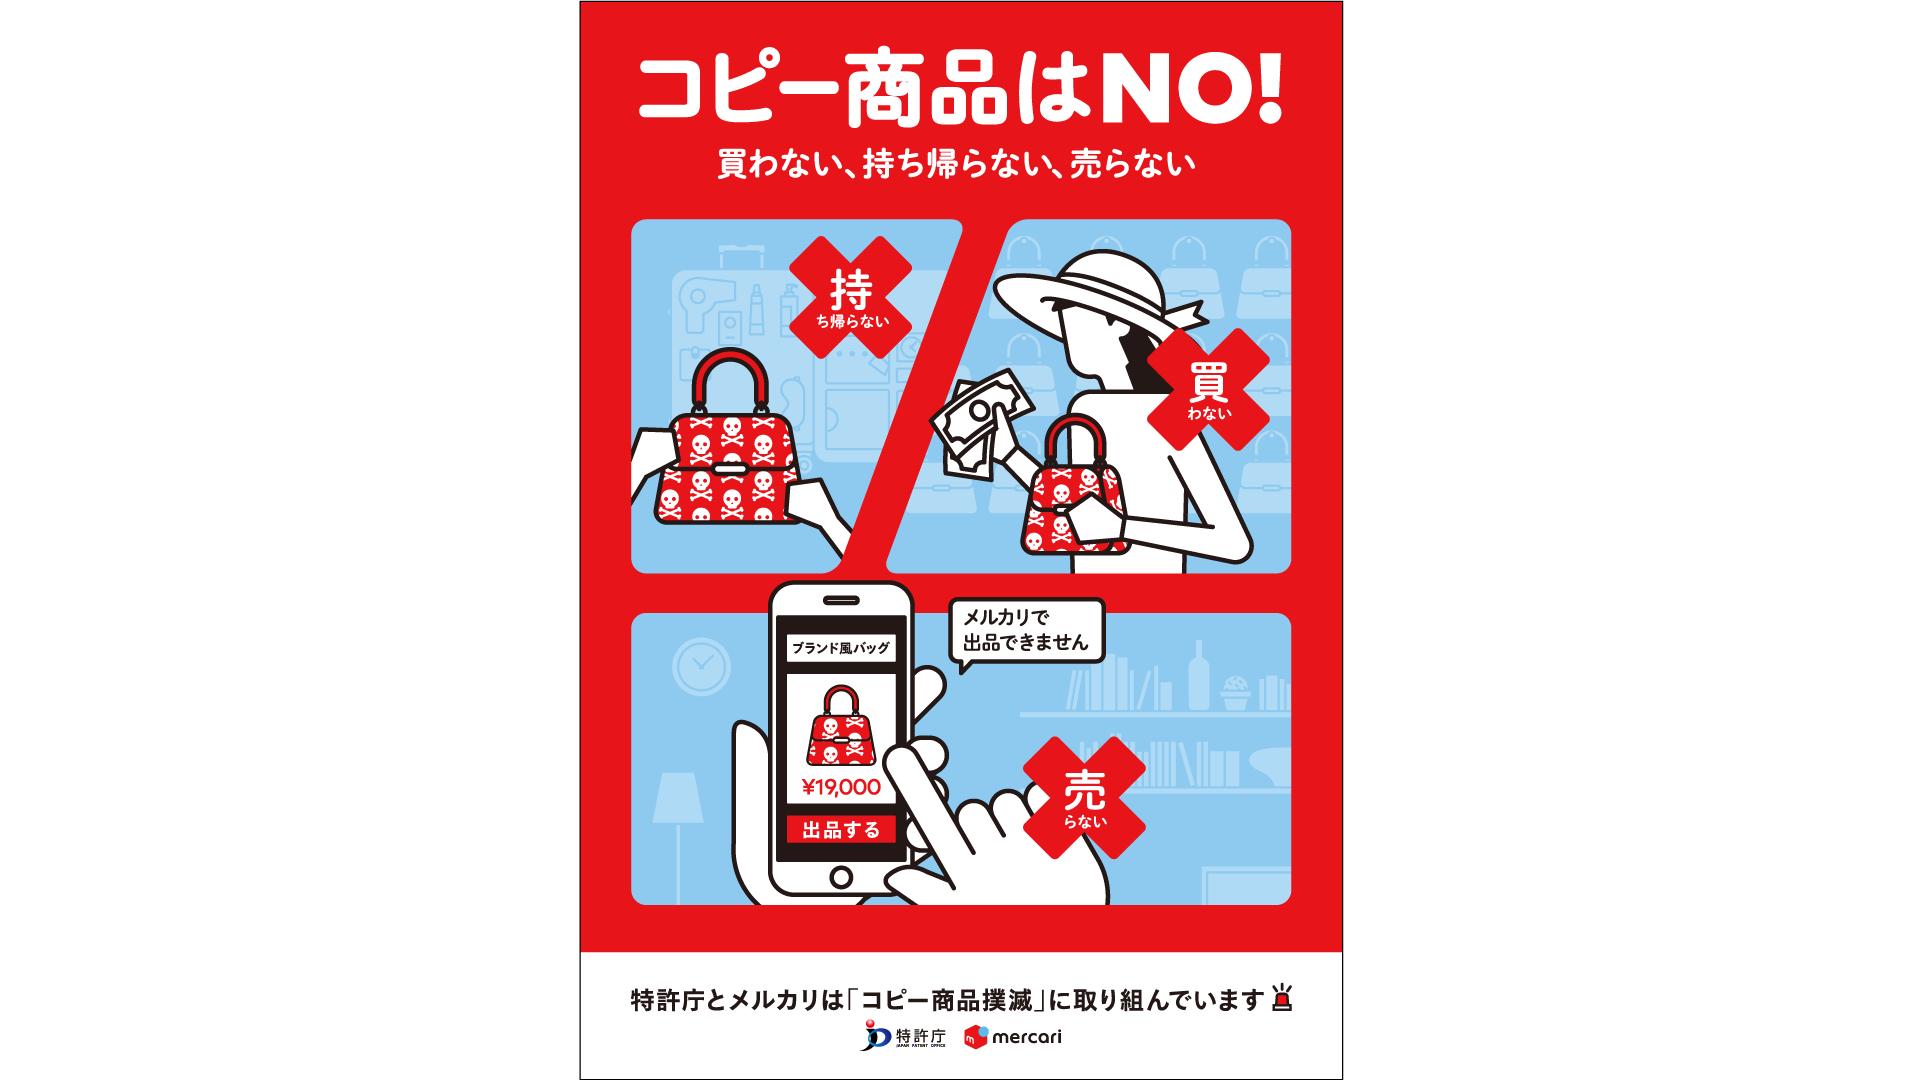 メルカリは、全国の税関施設に「コピー商品撲滅」啓発ポスターを掲示します